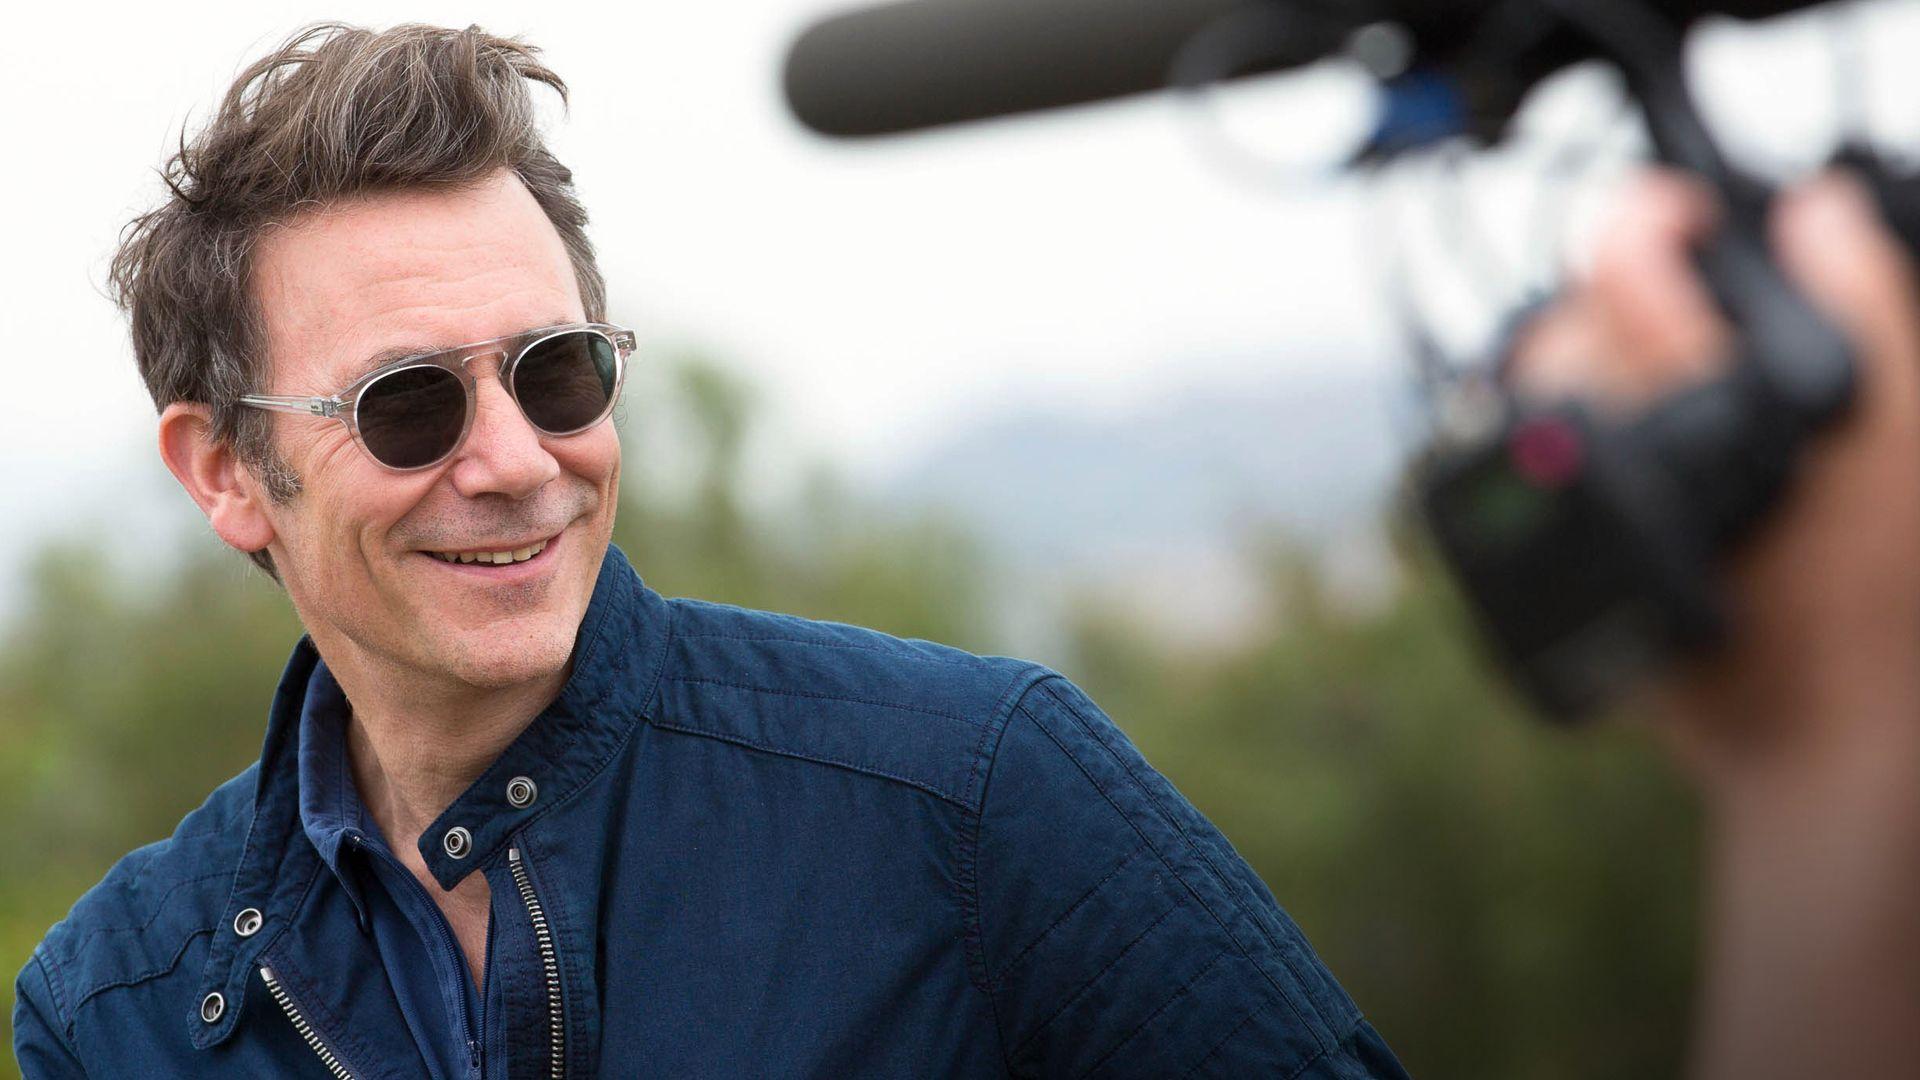 Soirée spéciale Michel Hazanavicius avec LE REDOUTABLE suivi par l'émission CINEMA PAR...  le 13/11 sur CANAL+